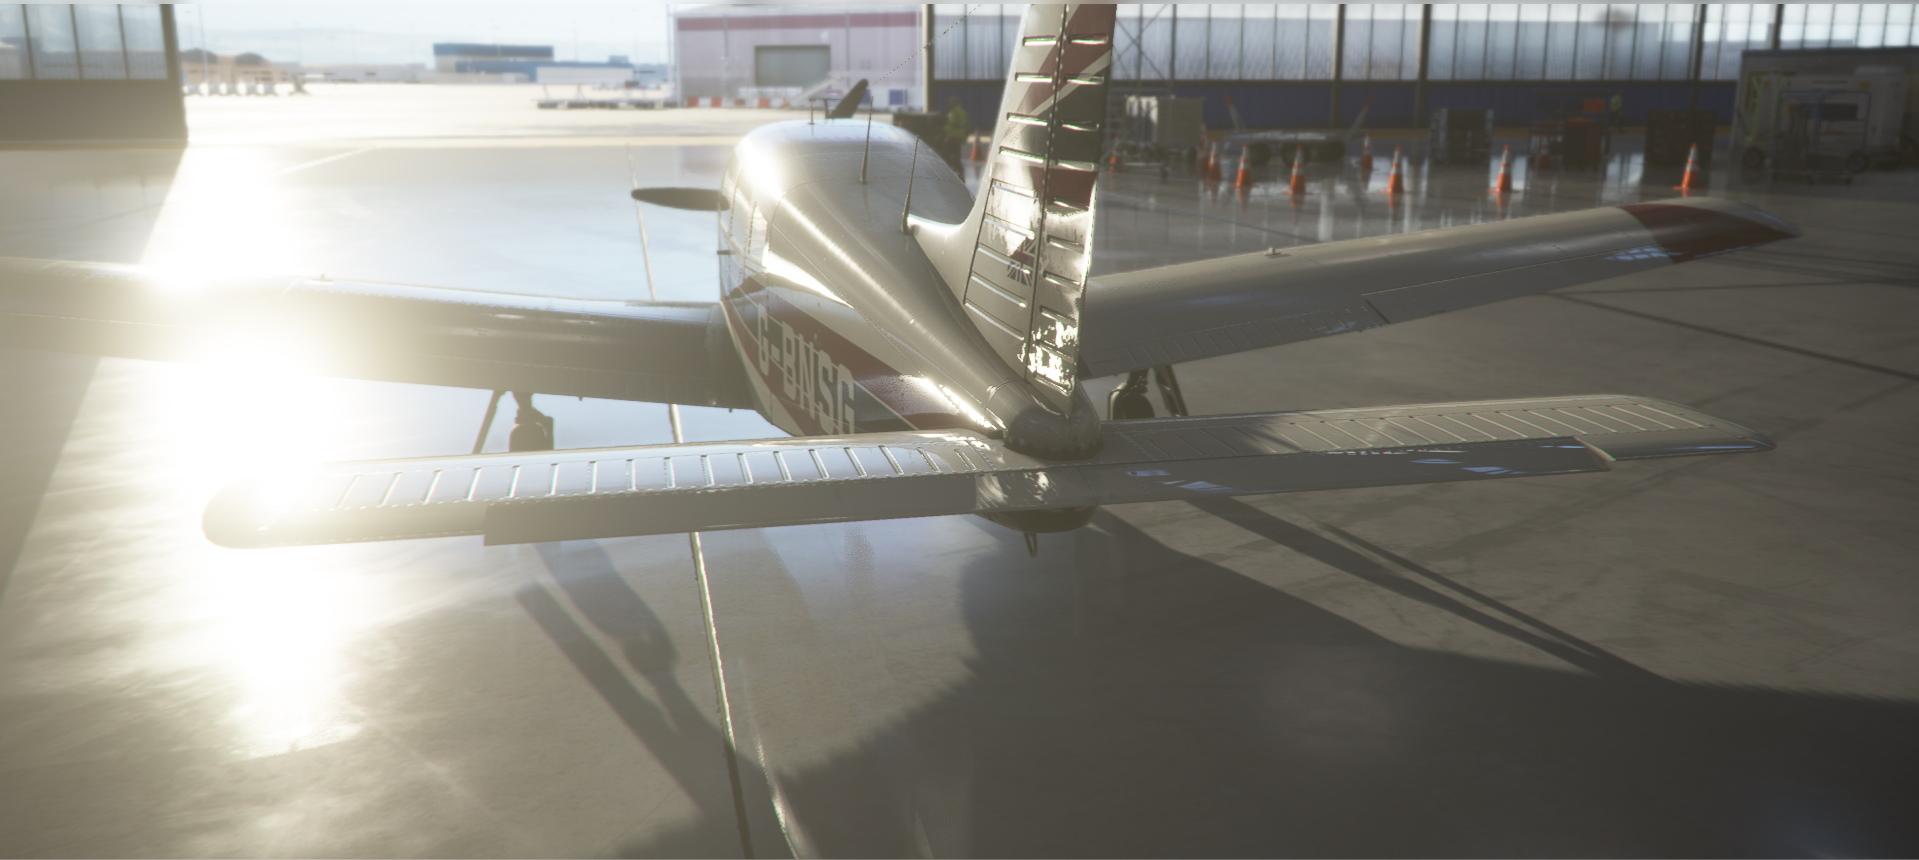 Microsoft Flight Simulator Piper Arrow 2